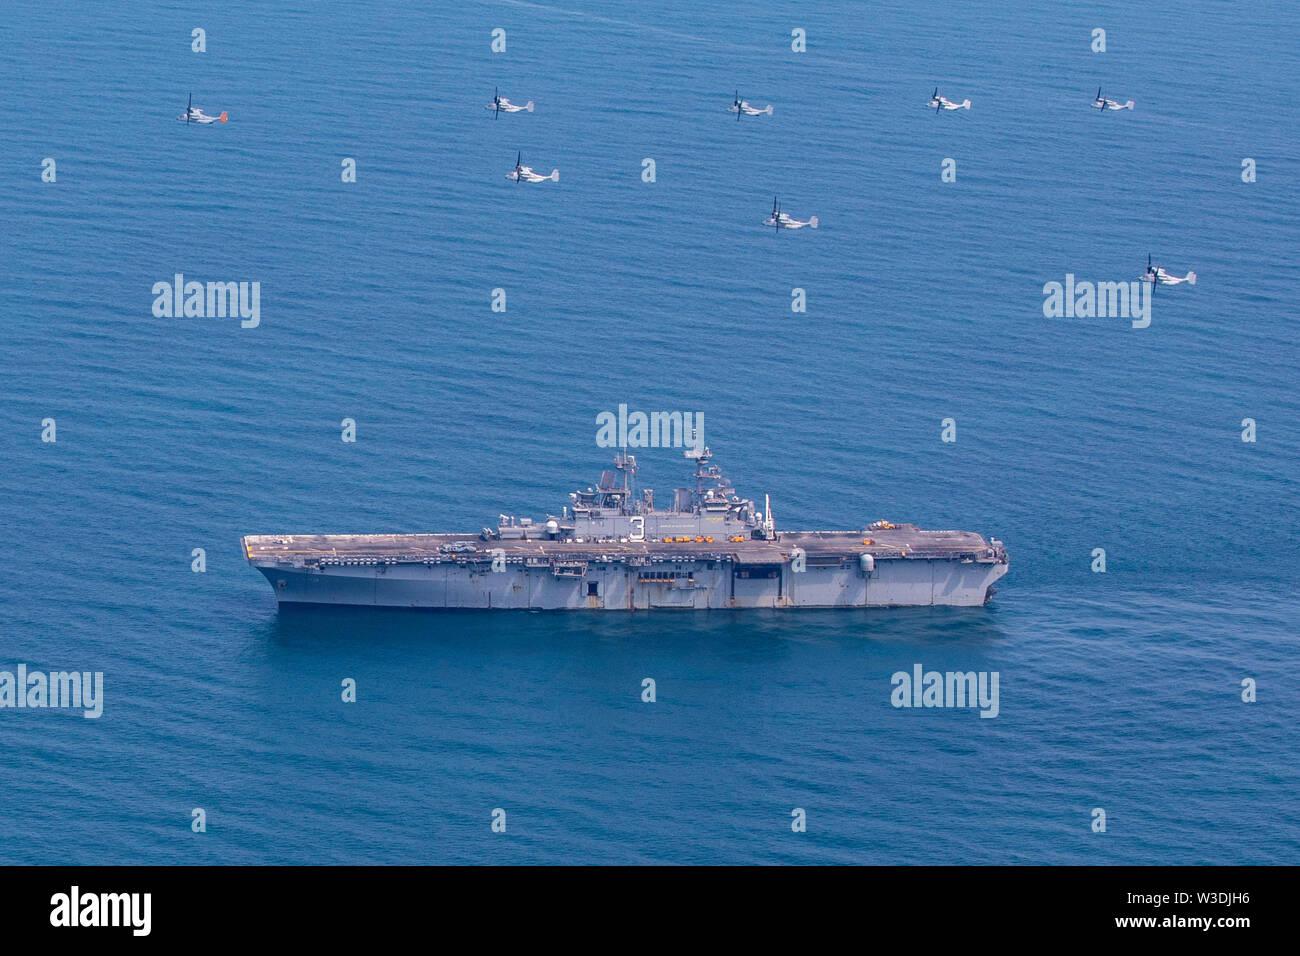 190714-N-WH 681-1163 ATLANTIK (Juli 14, 2019) MV-22 Fischadler fliegen in Formation über die Wasp-Klasse amphibisches Schiff USS Kearsarge (LHD3). Kearsarge ist das Flaggschiff der Kearsarge Amphibious Ready Gruppe. Die kearsarge ARG ist zur Unterstützung der Maritime Security Operations eingesetzt, Krisenbewältigung und Theater Sicherheit Zusammenarbeit, während gleichzeitig ein Vorwärts naval Präsenz. (U.S. Marine Foto von Mass Communication Specialist 3. Klasse Kaitlyn E. Eads/Freigegeben) Stockbild